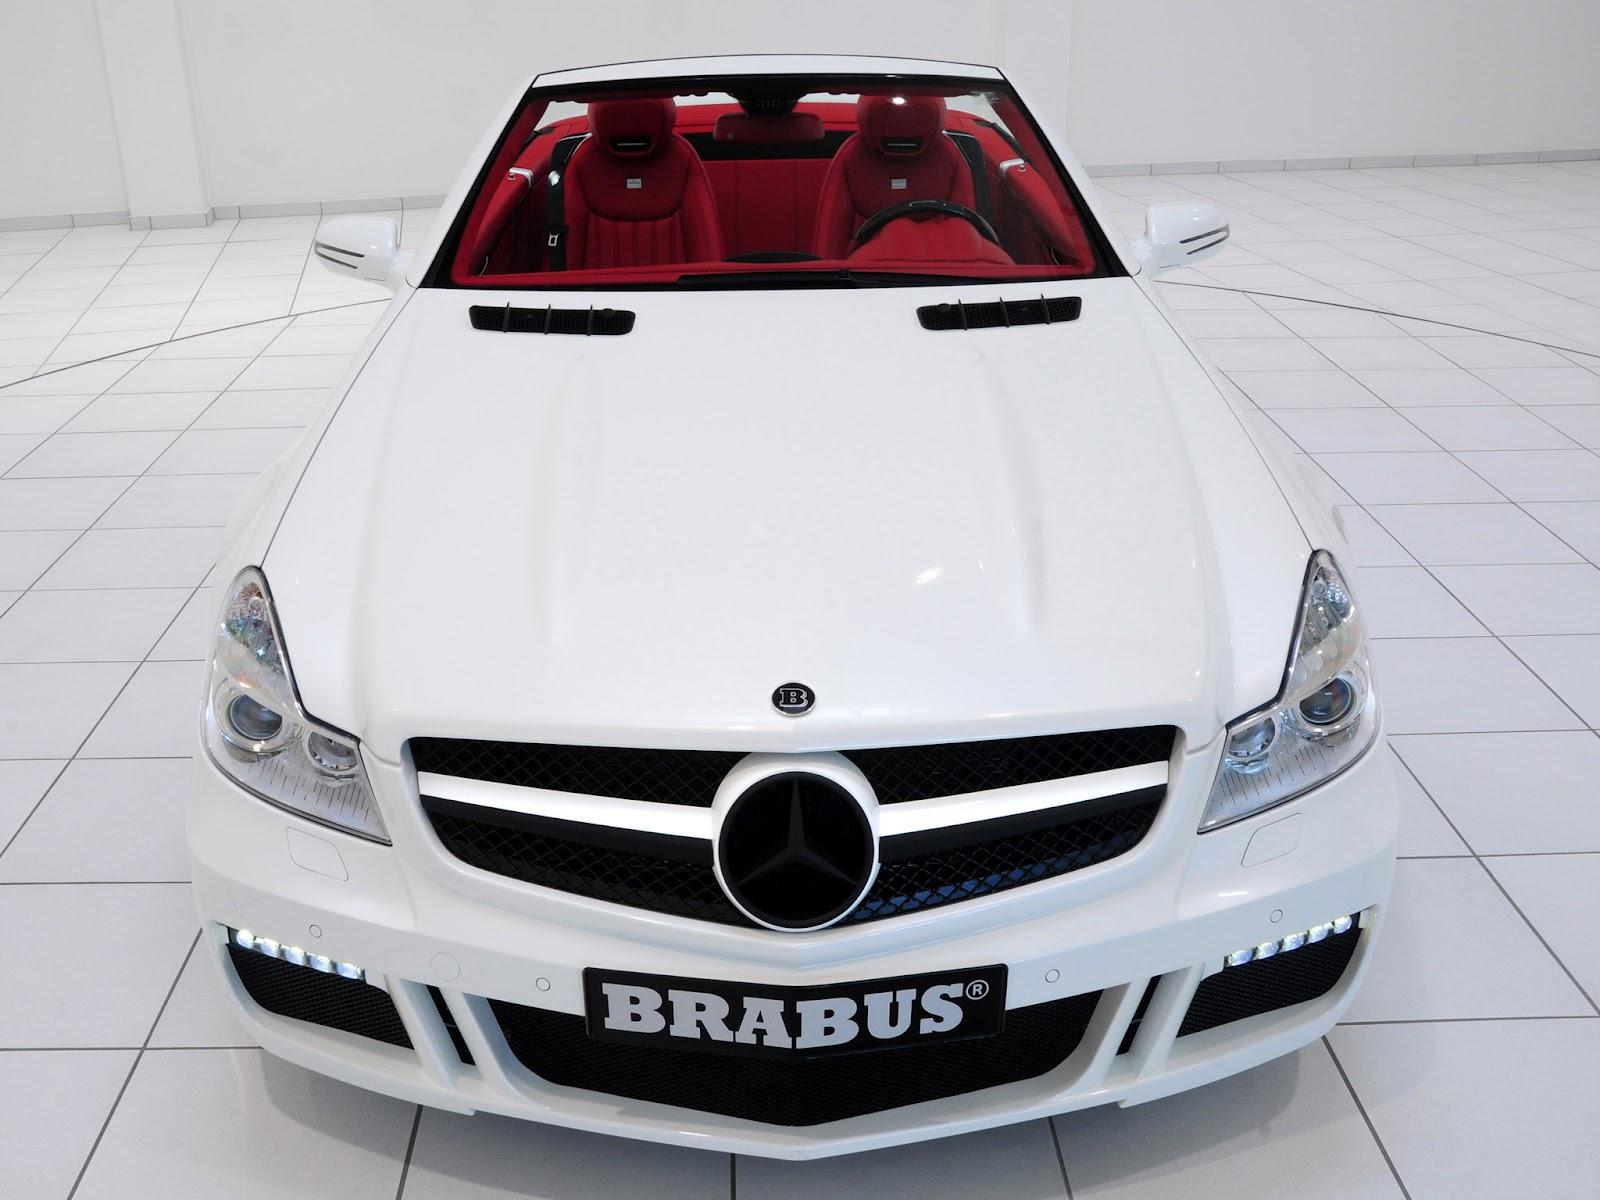 Super+Cars+%2813%29 41 Gerçek HD Masaüstü Süper Araba Resimleri